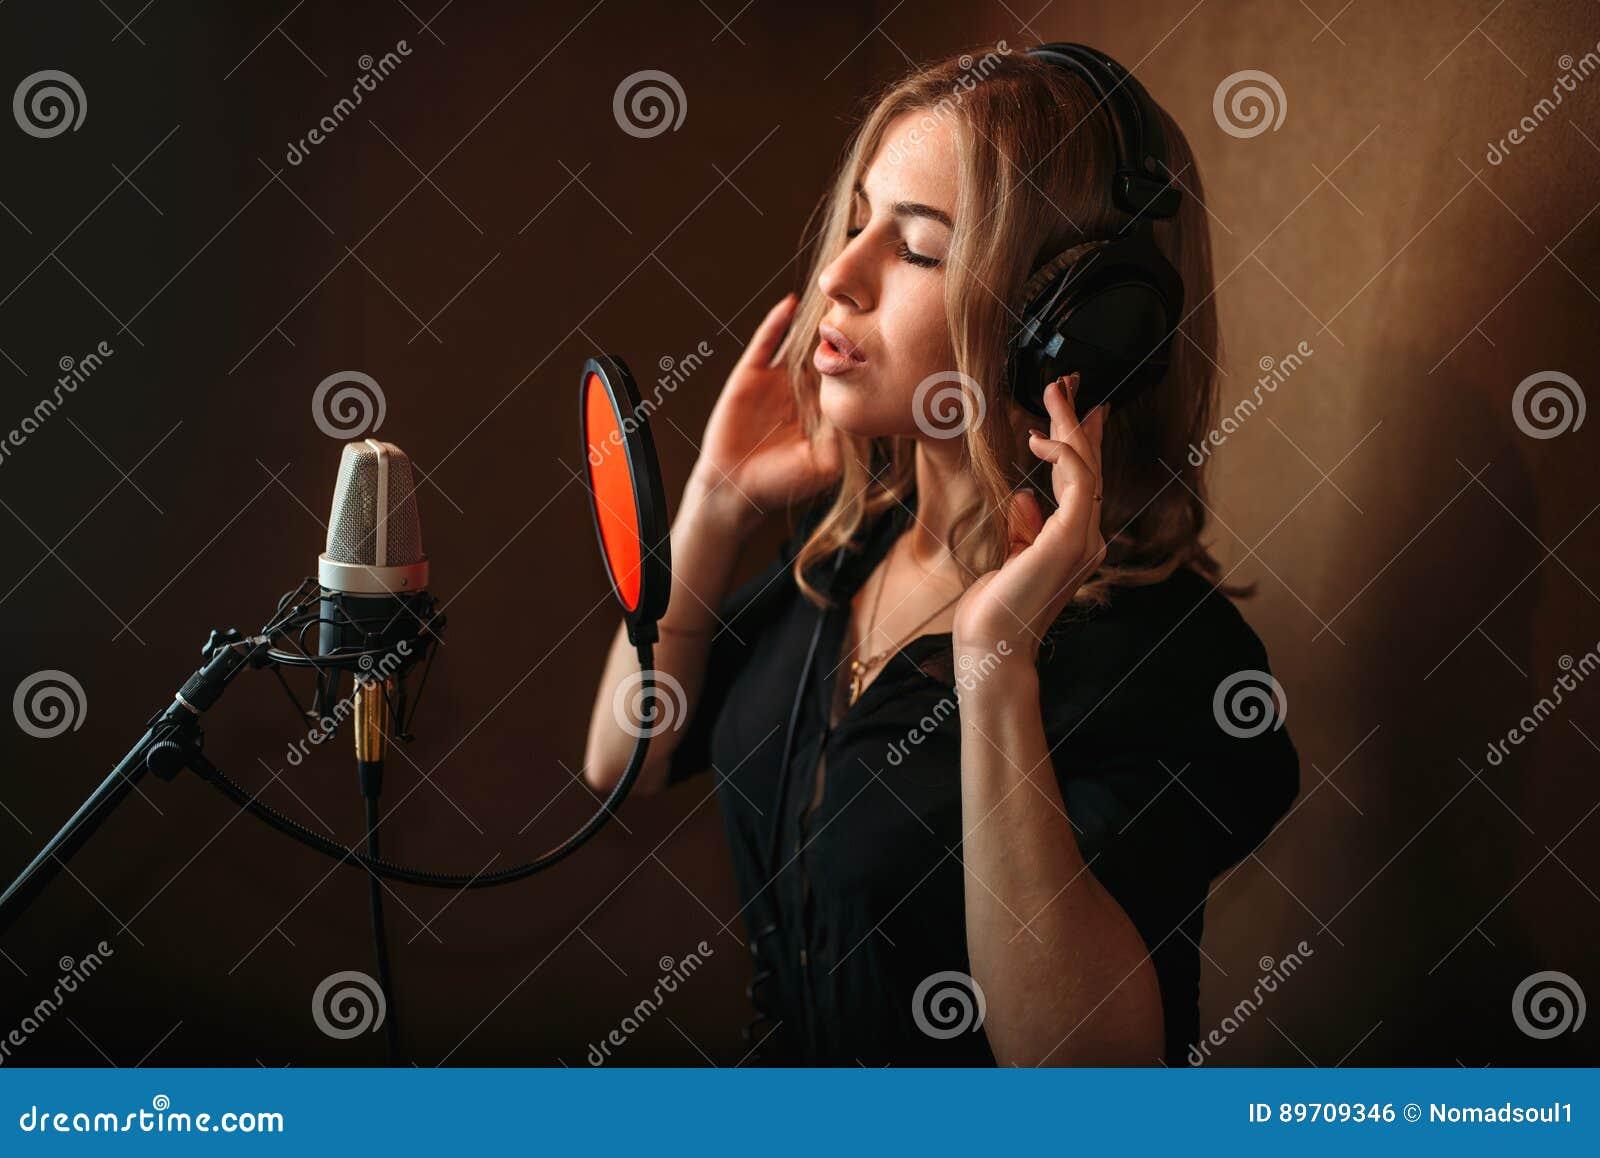 Chanteuse enregistrant une chanson dans le studio de musique